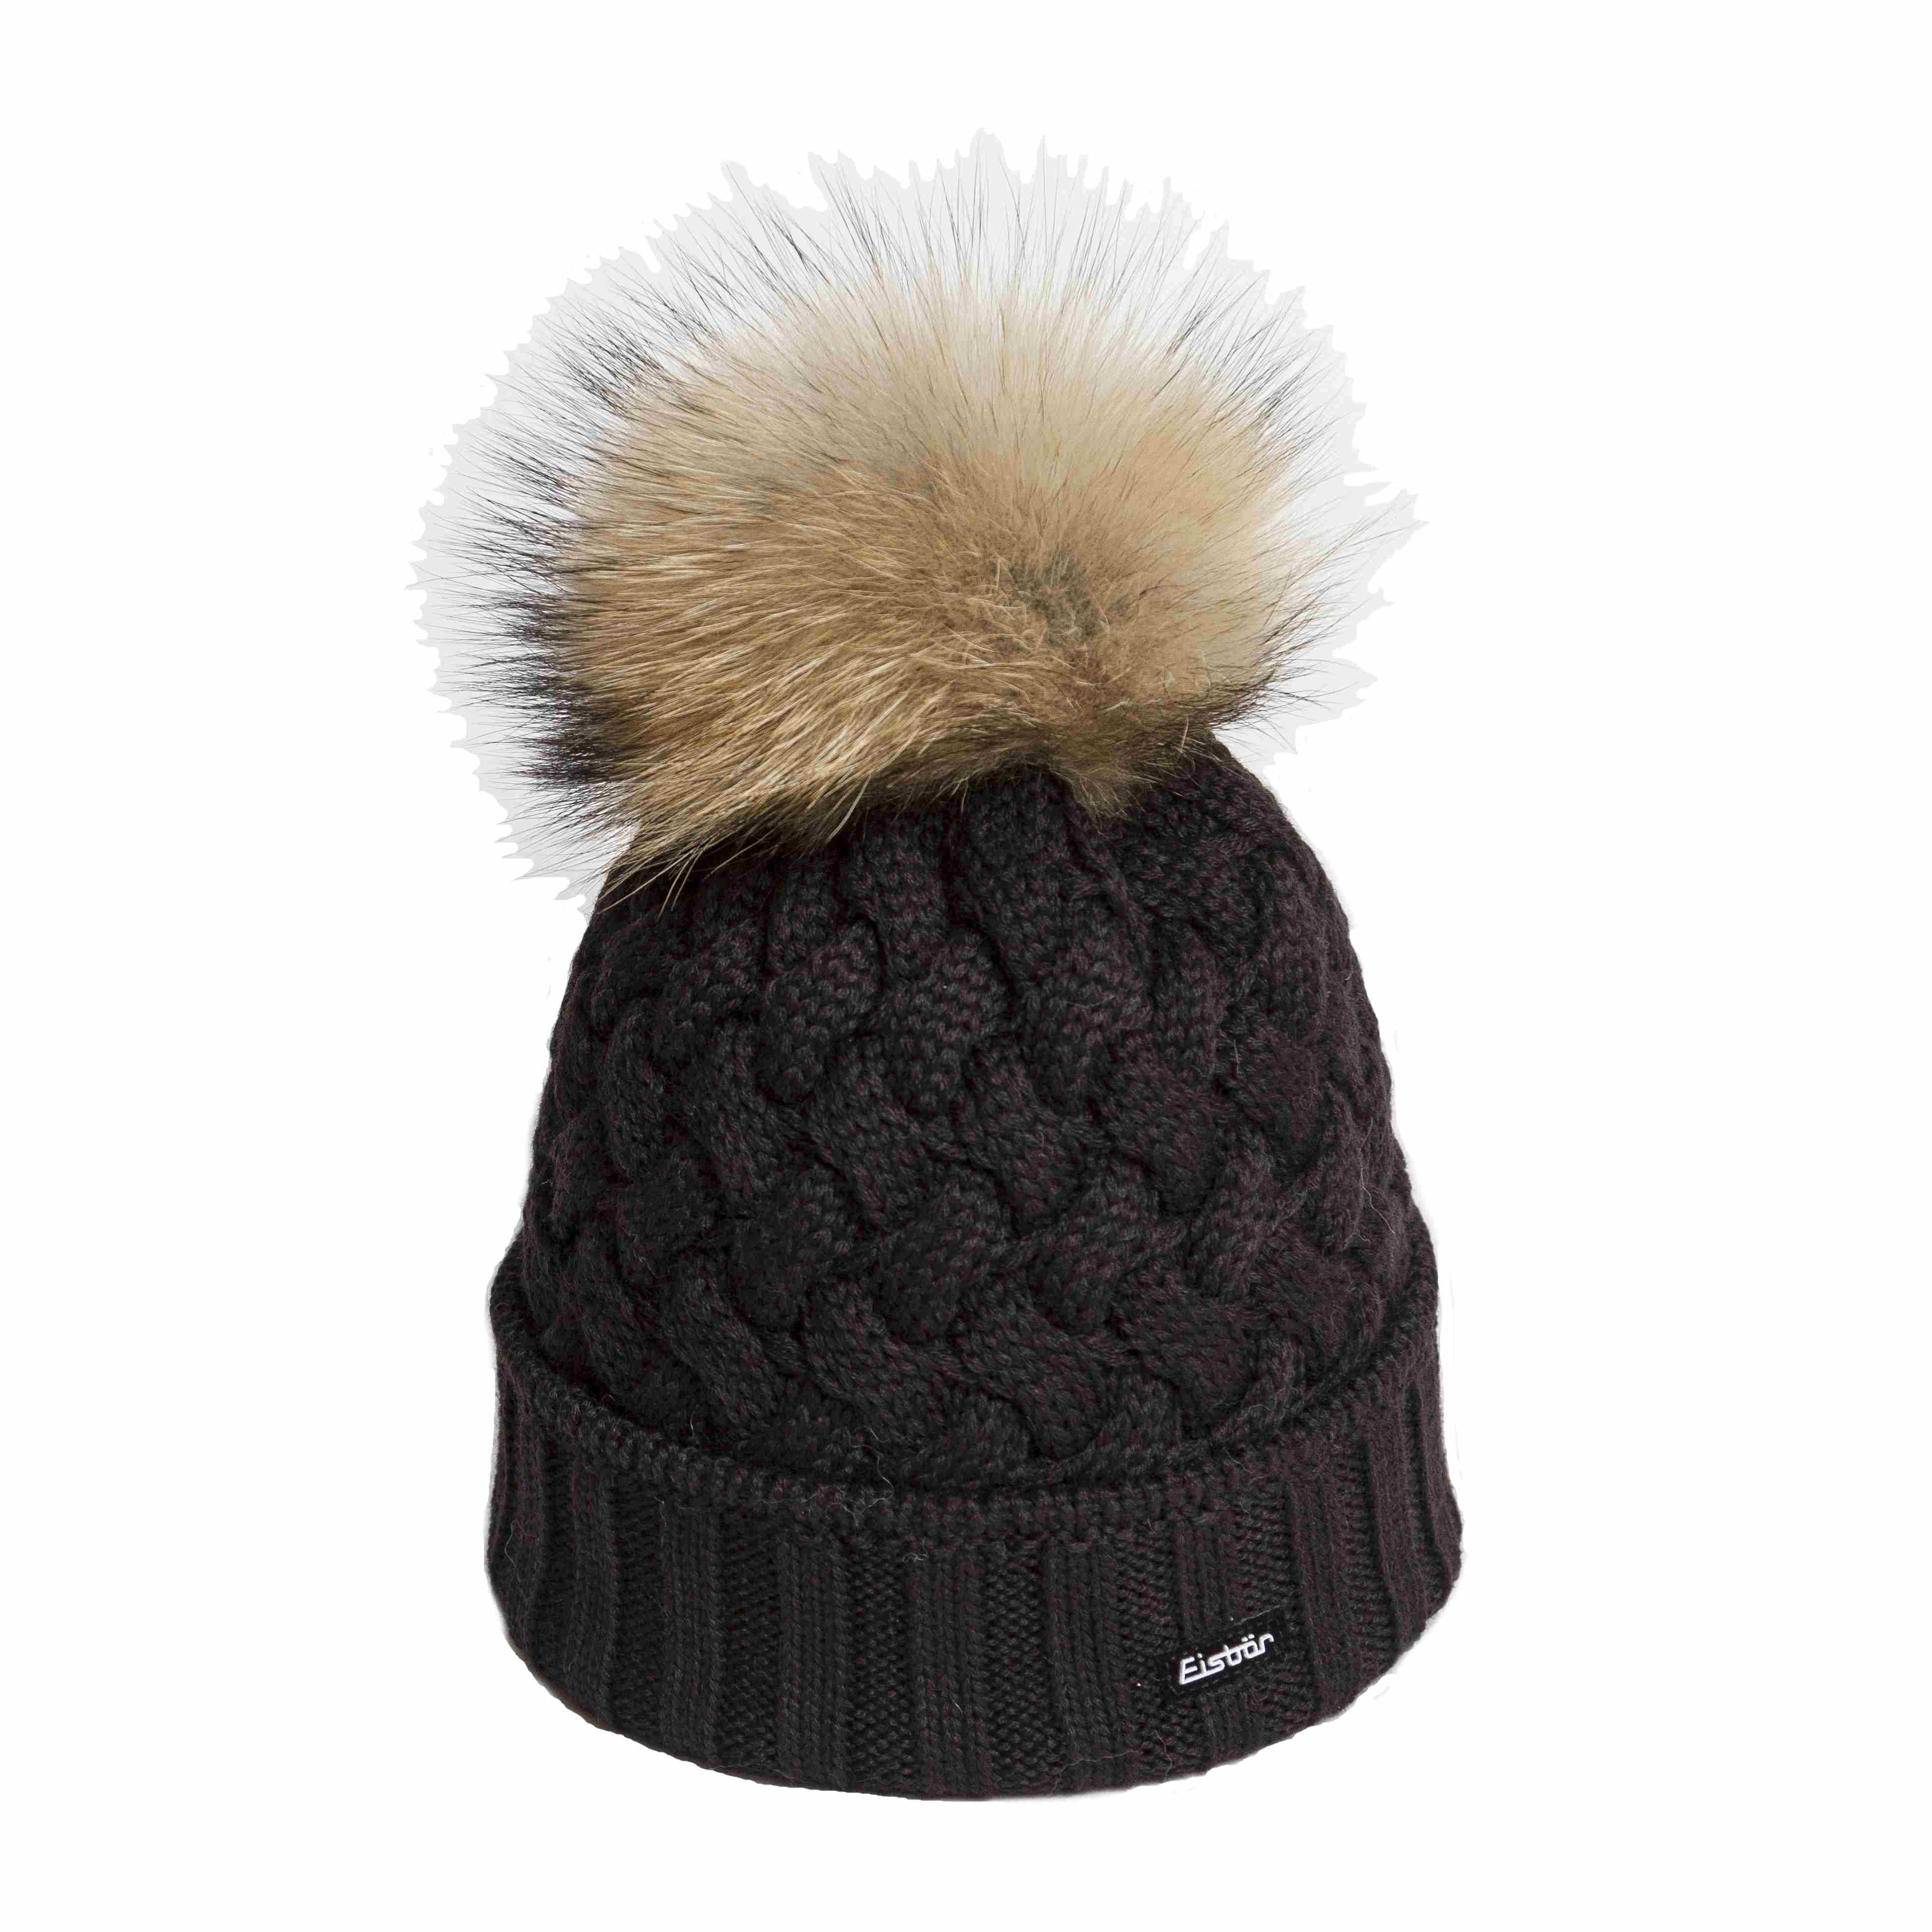 12016733241 Eisbar Bonnet Alice Noir Pompon Fourrure